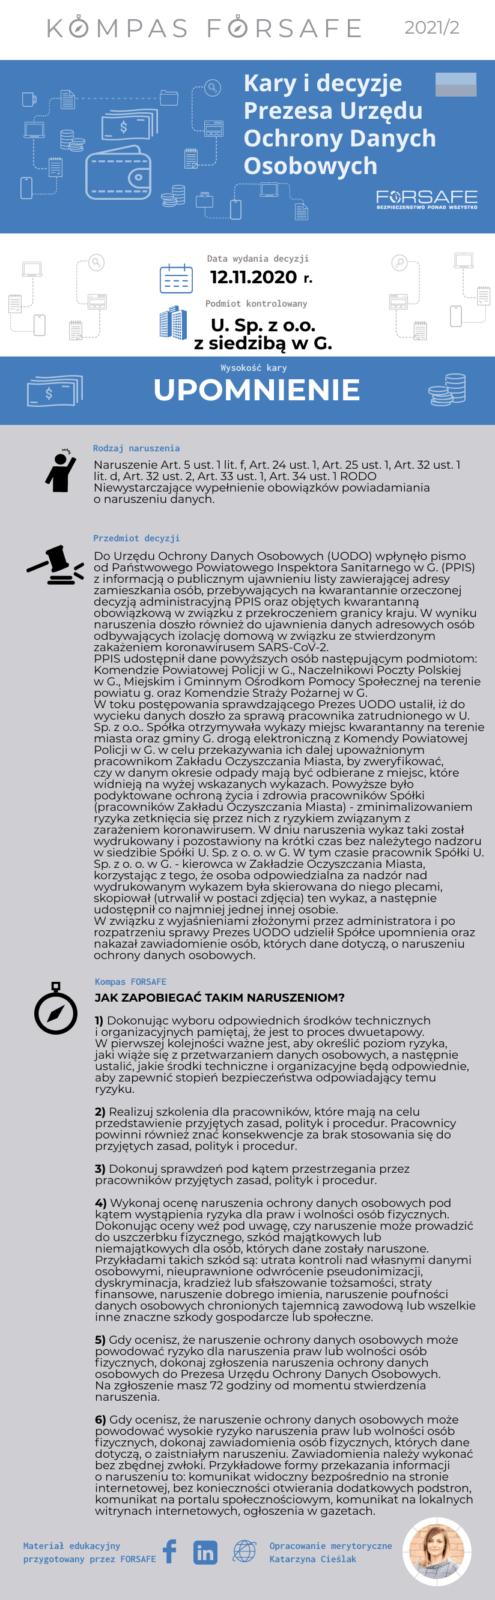 Kompas FORSAFE PL 2021 2 KOMPAS FORSAFE PL 2021/2 - Upomnienie dla Spółki U. Sp. z o. o. w G.